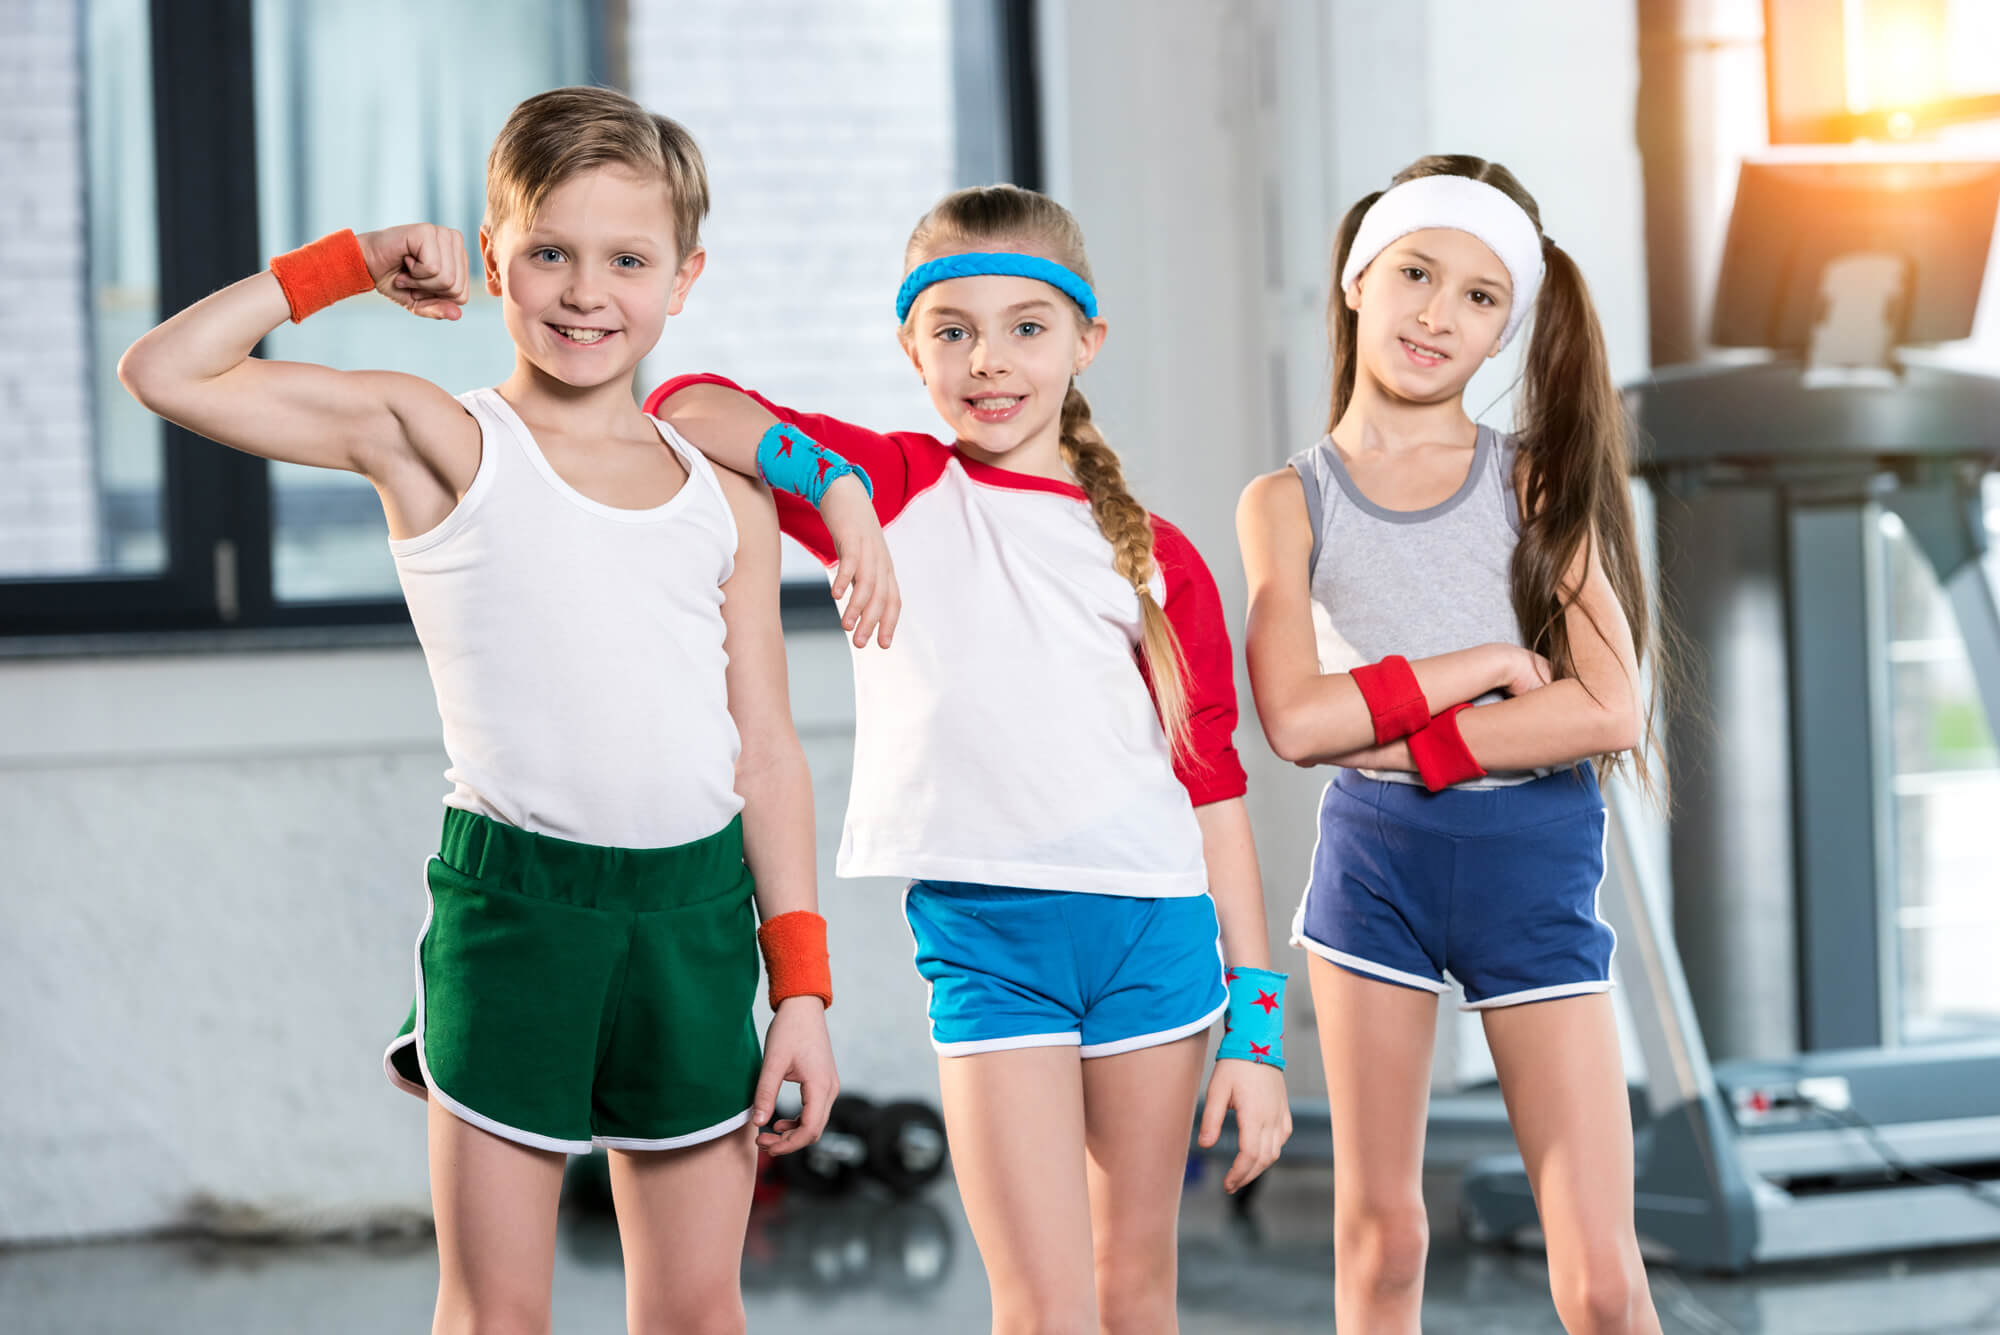 CSM_image-primaire_trois-enfants-heureux-au-sport BD